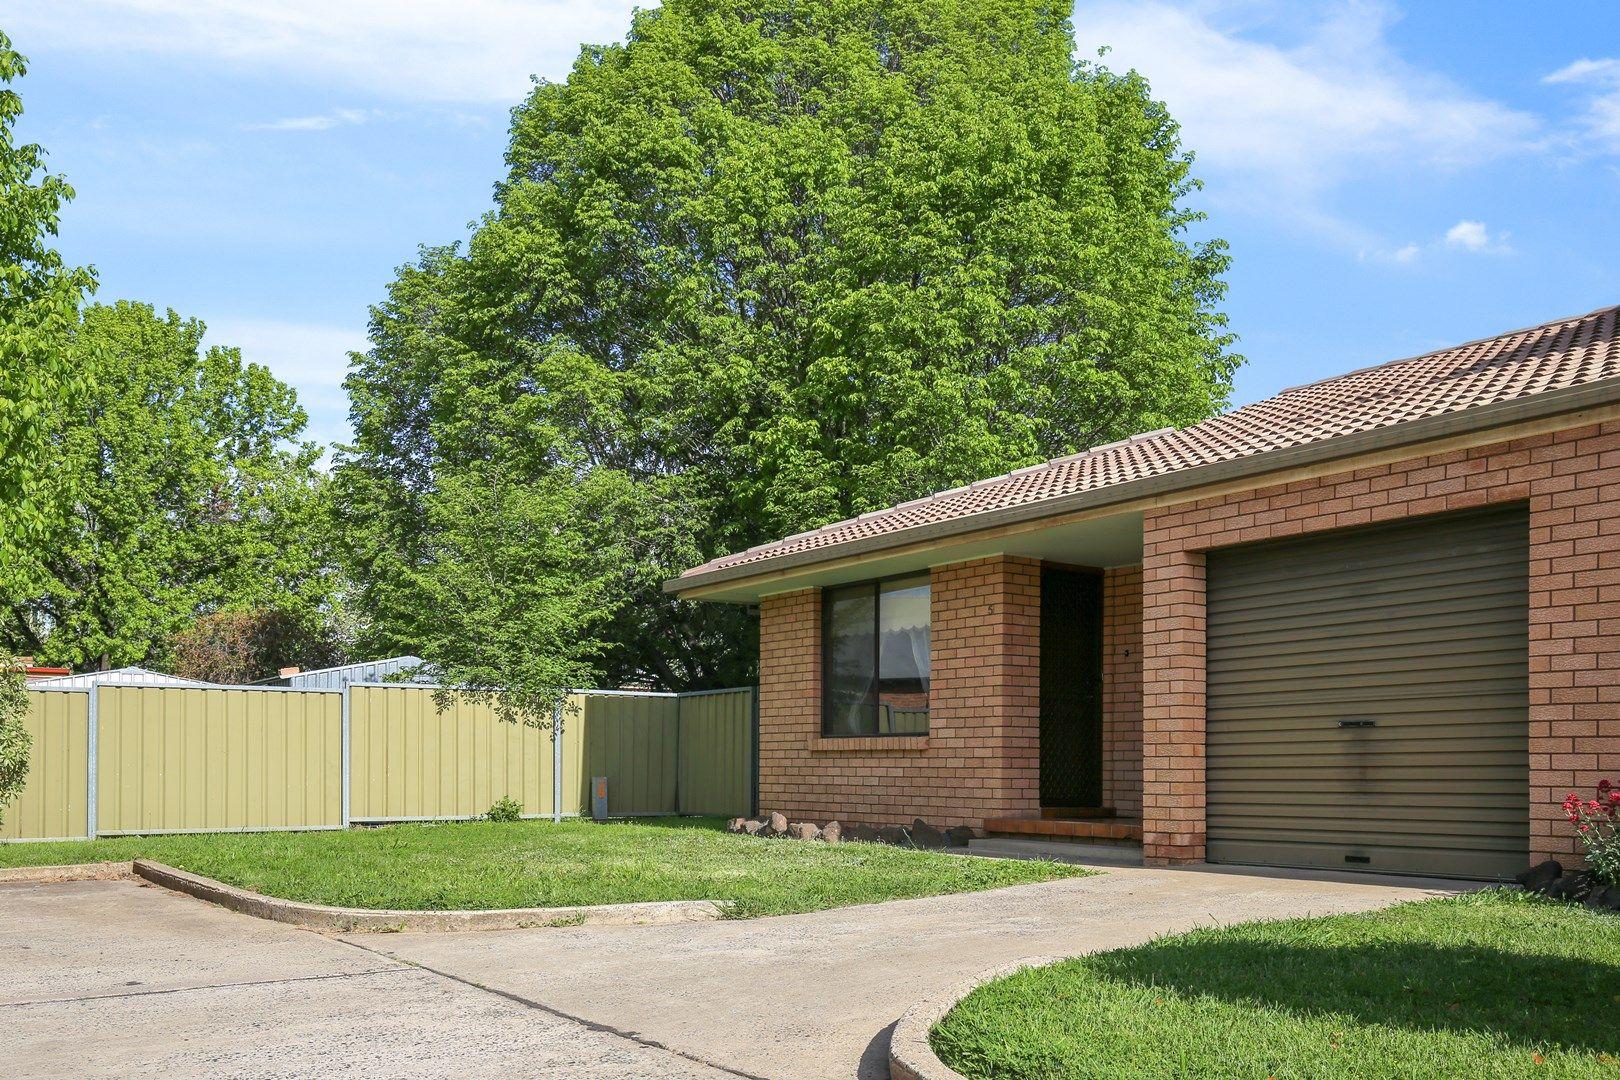 5/198 Byng Street, Orange NSW 2800, Image 0